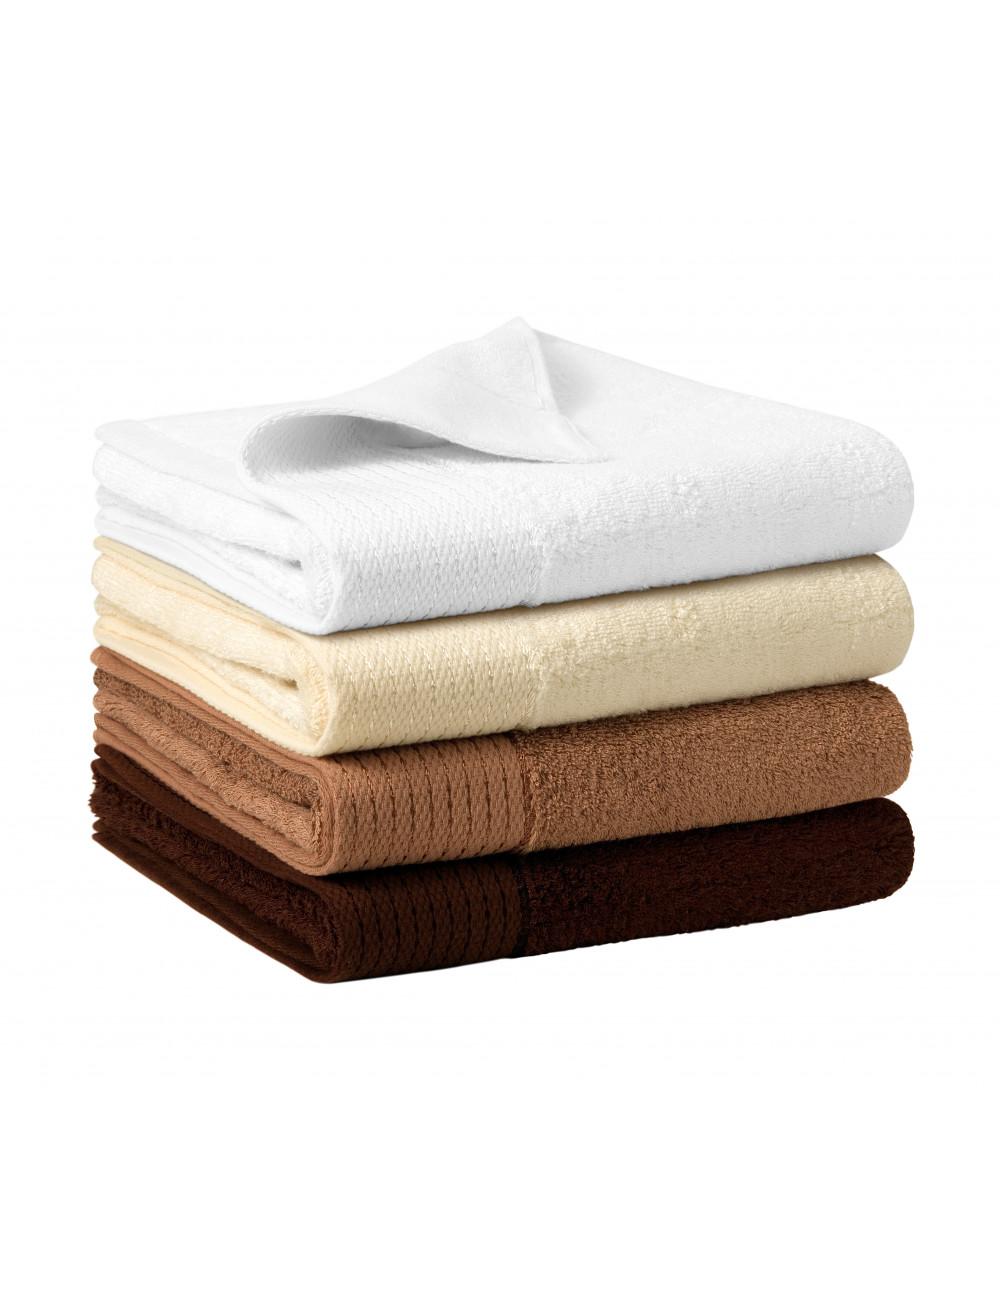 Adler MALFINIPREMIUM Ręcznik unisex Bamboo Towel 951 kawowy